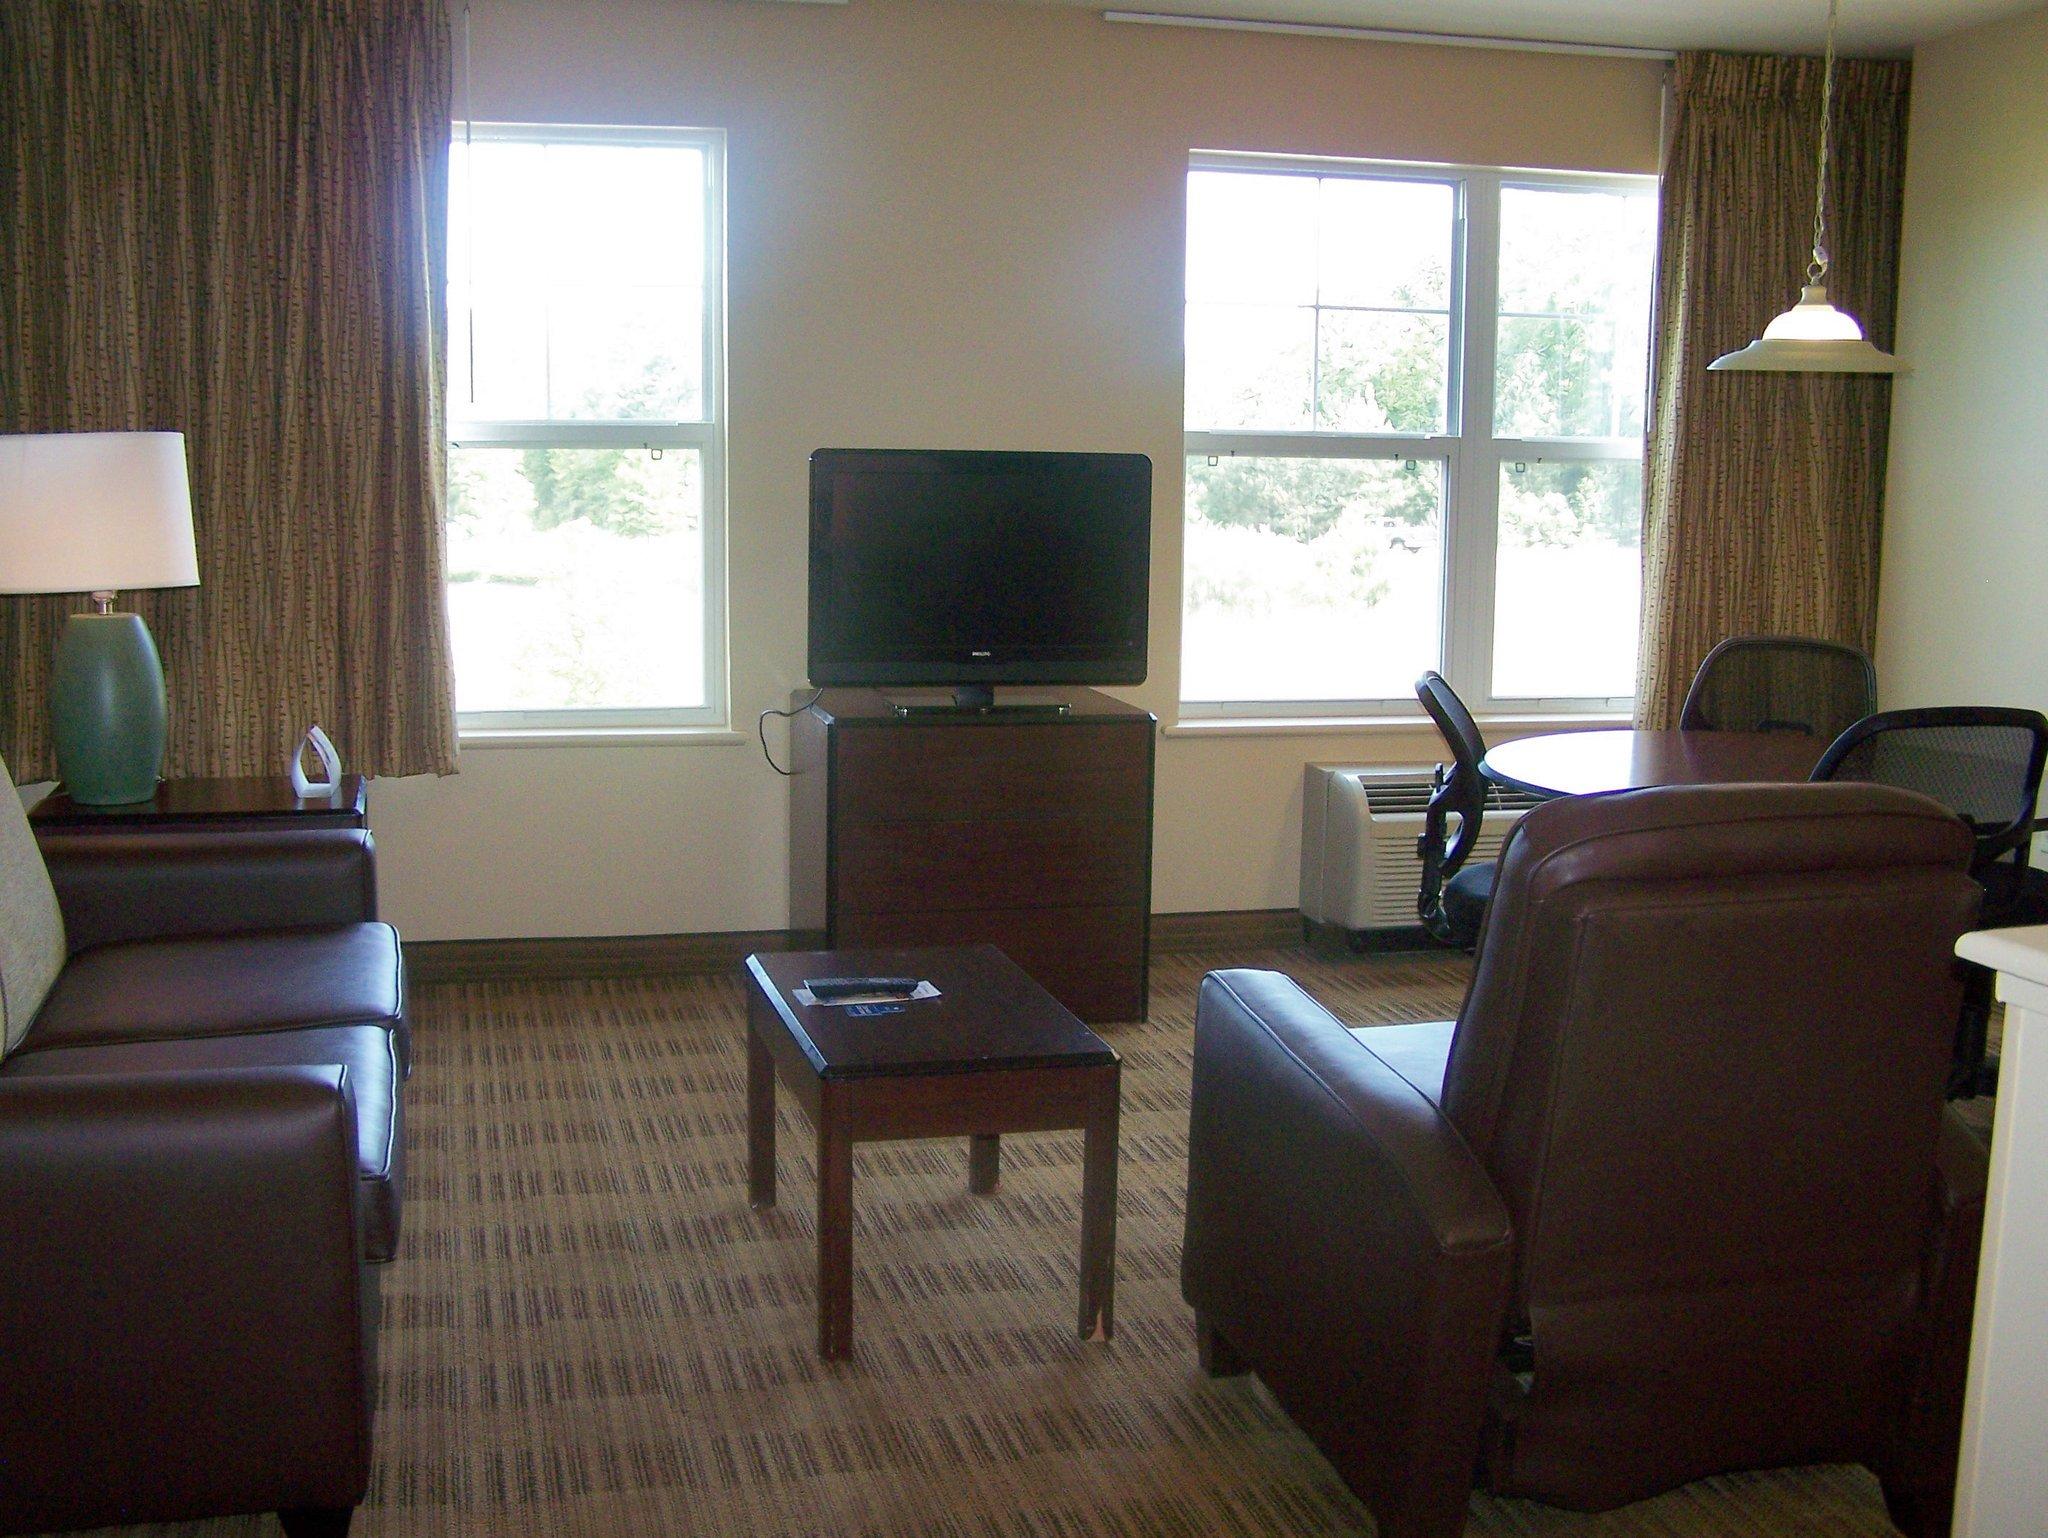 克倫比亞哈比森西北部美國長住飯店